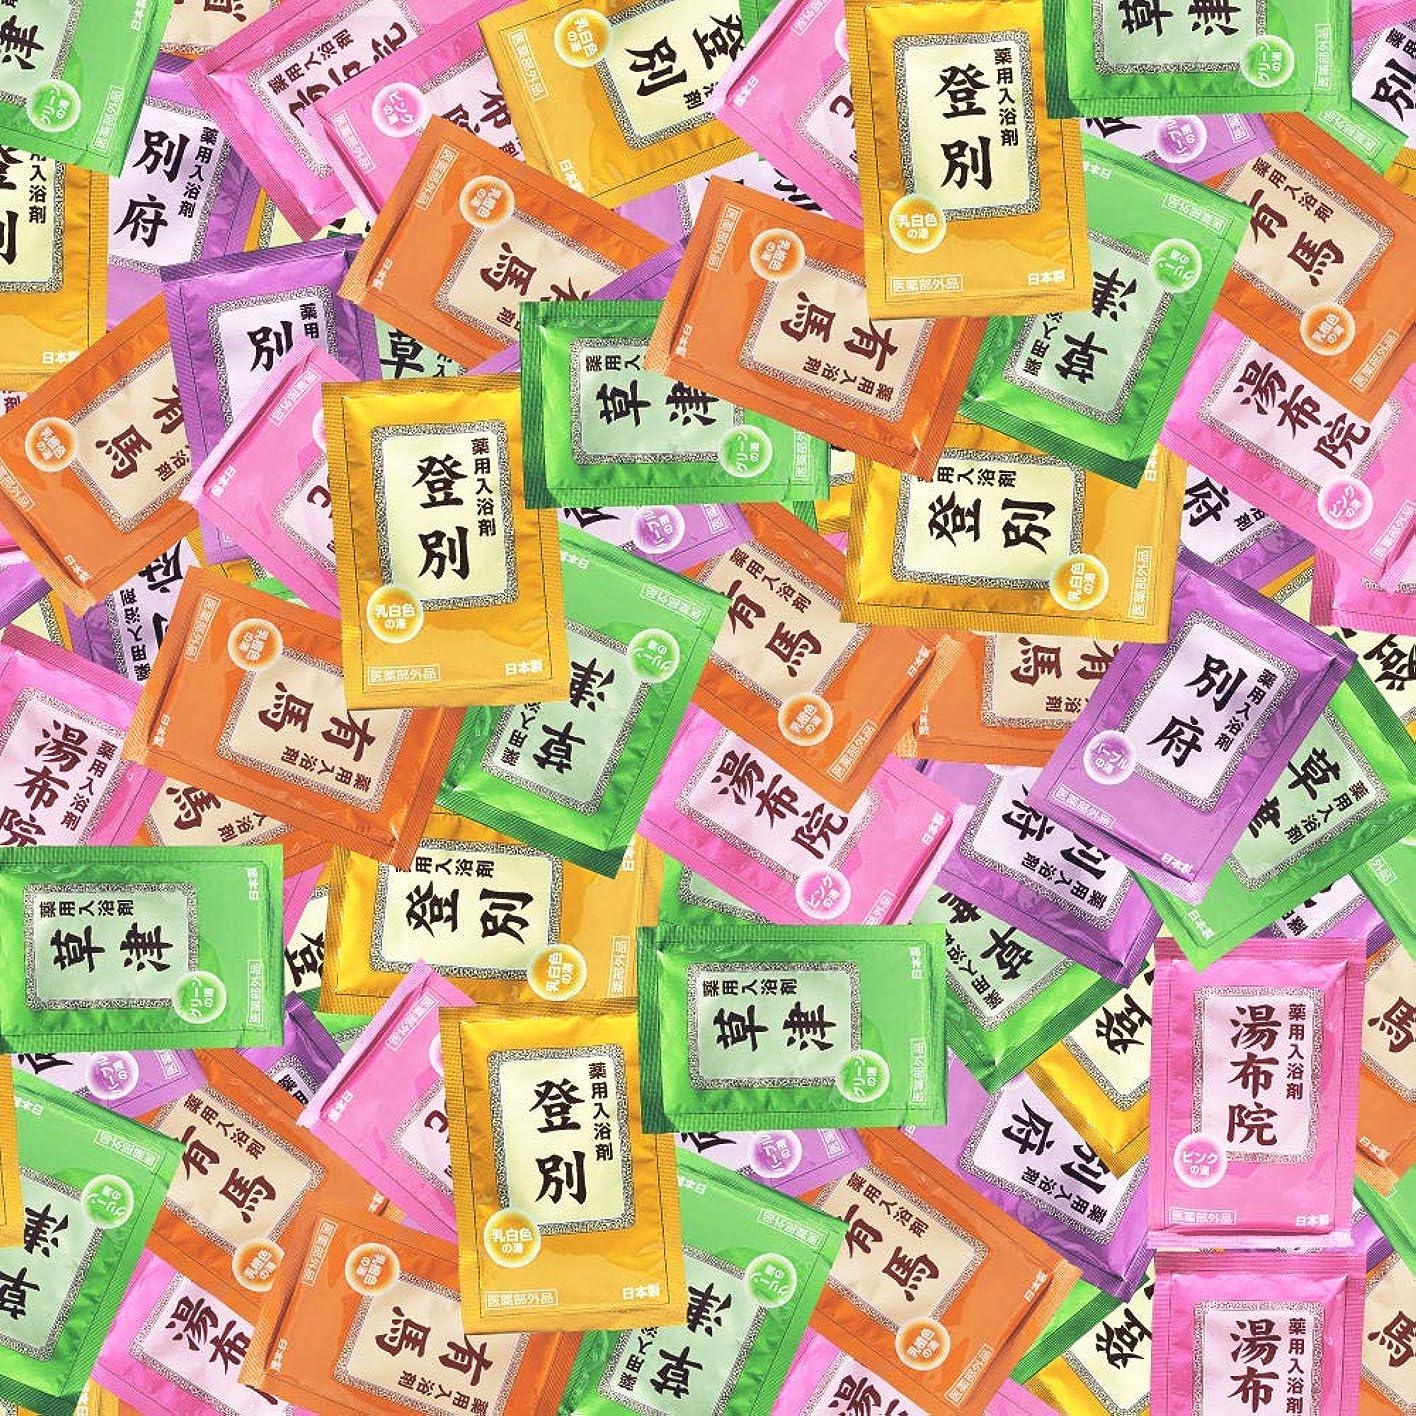 について有効な童謡入浴剤 ギフト プレゼント 湯宿めぐり 5種類 (200袋)セット